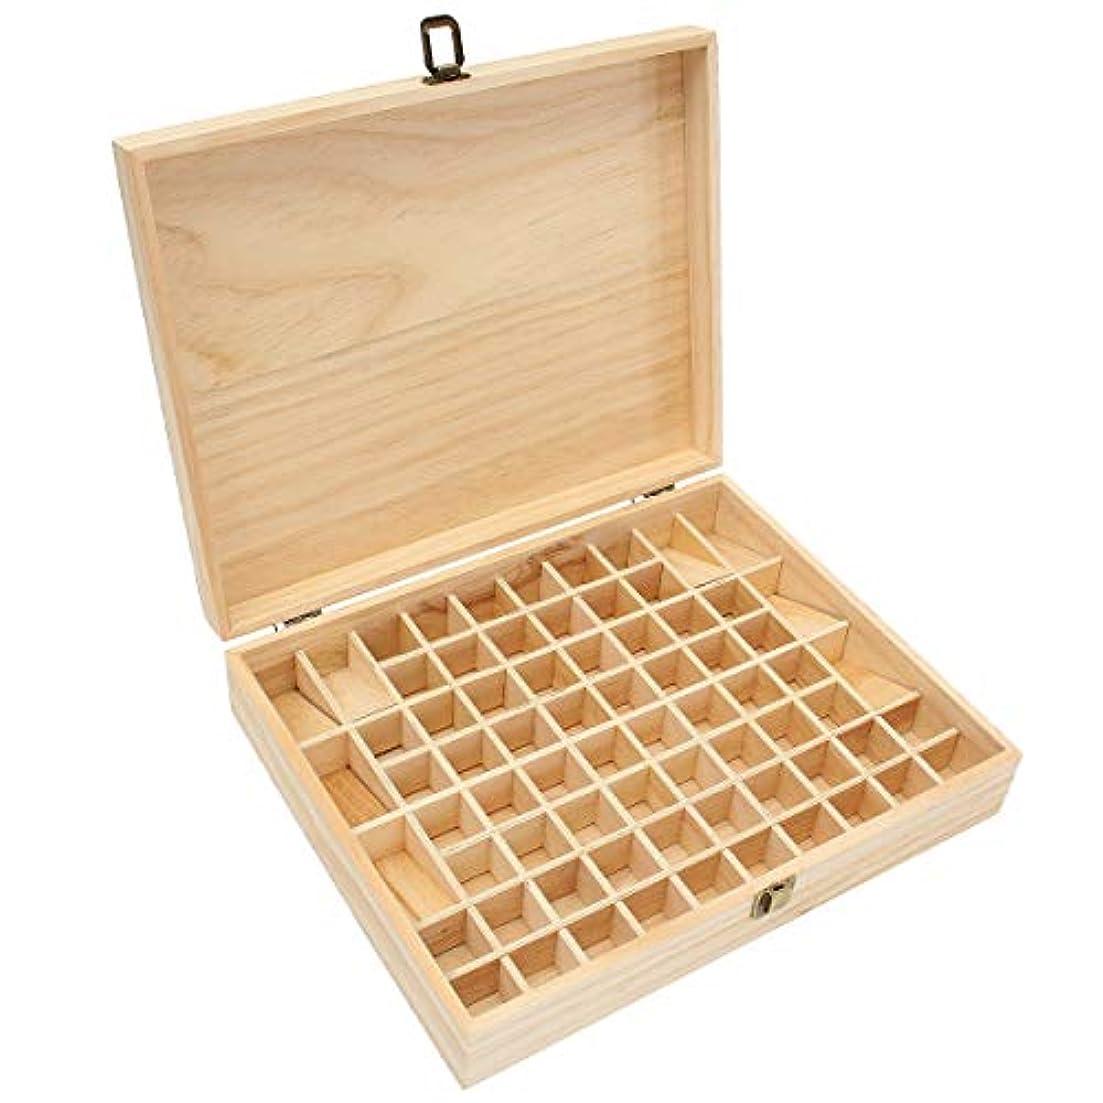 受粉者金曜日徴収TINKSKY エッセンシャルオイルケース アロマケース 木製 アロマオイルスタンド 精油ボックス 精油収納 仕切りボックス 72本収納